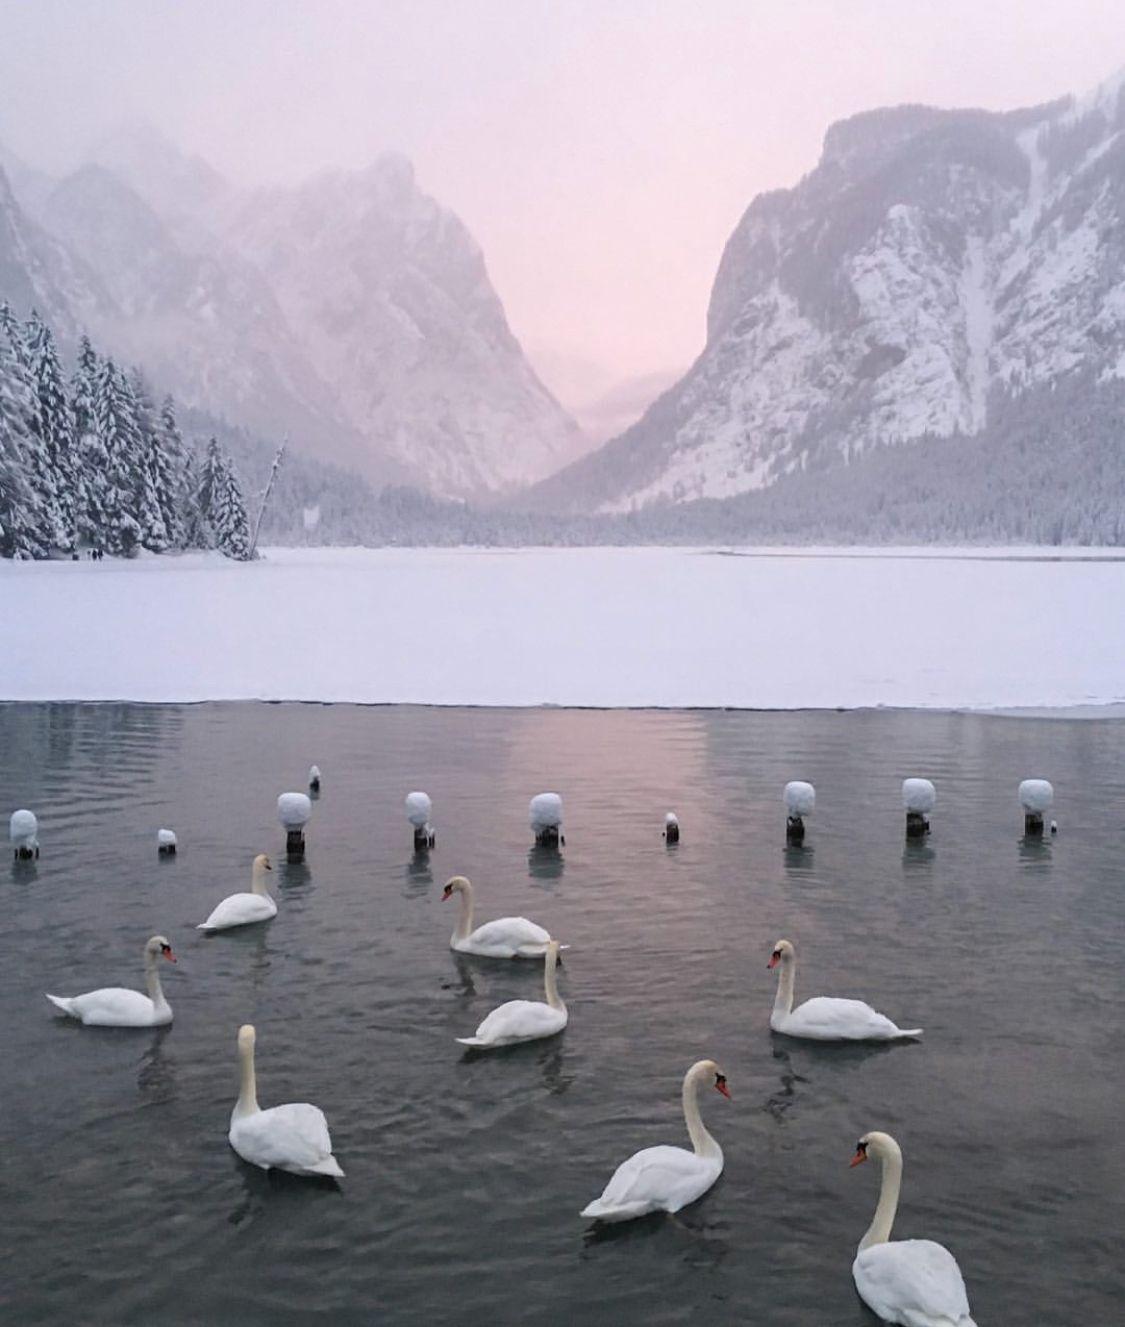 trentino alto adige in inverno - Lago di dobbiaco